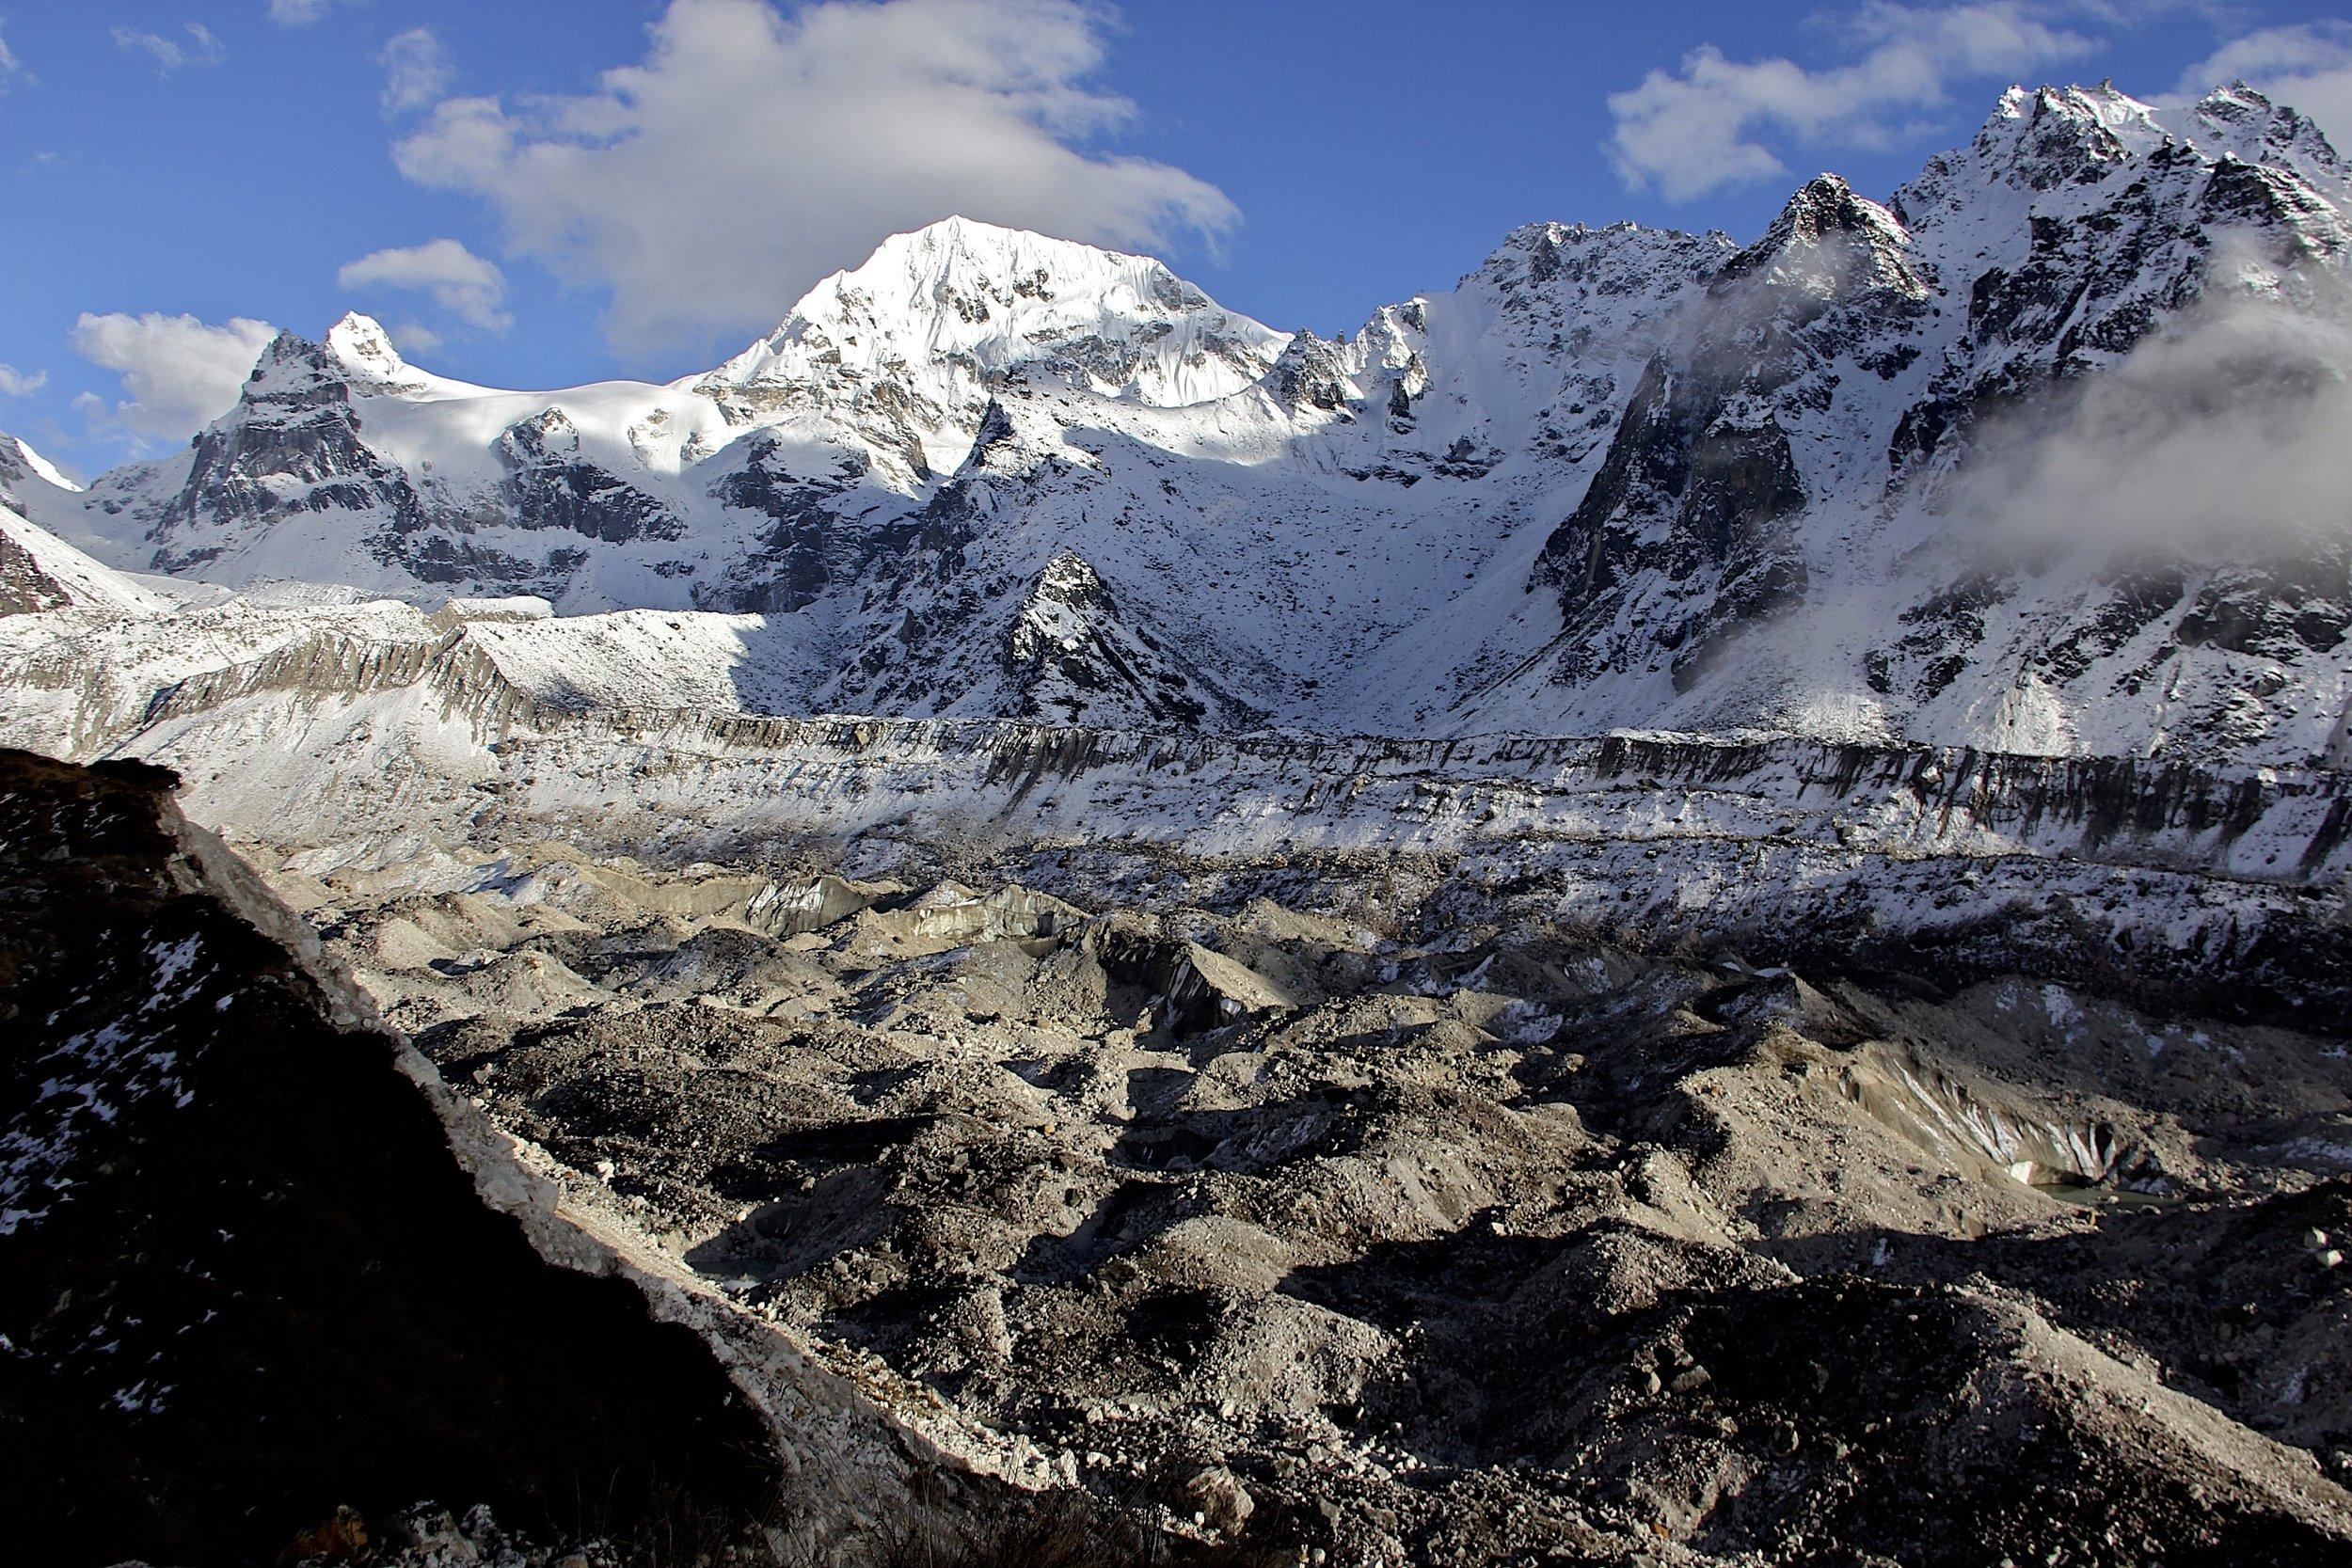 Kokthang 6,148m and Yalung Glacier